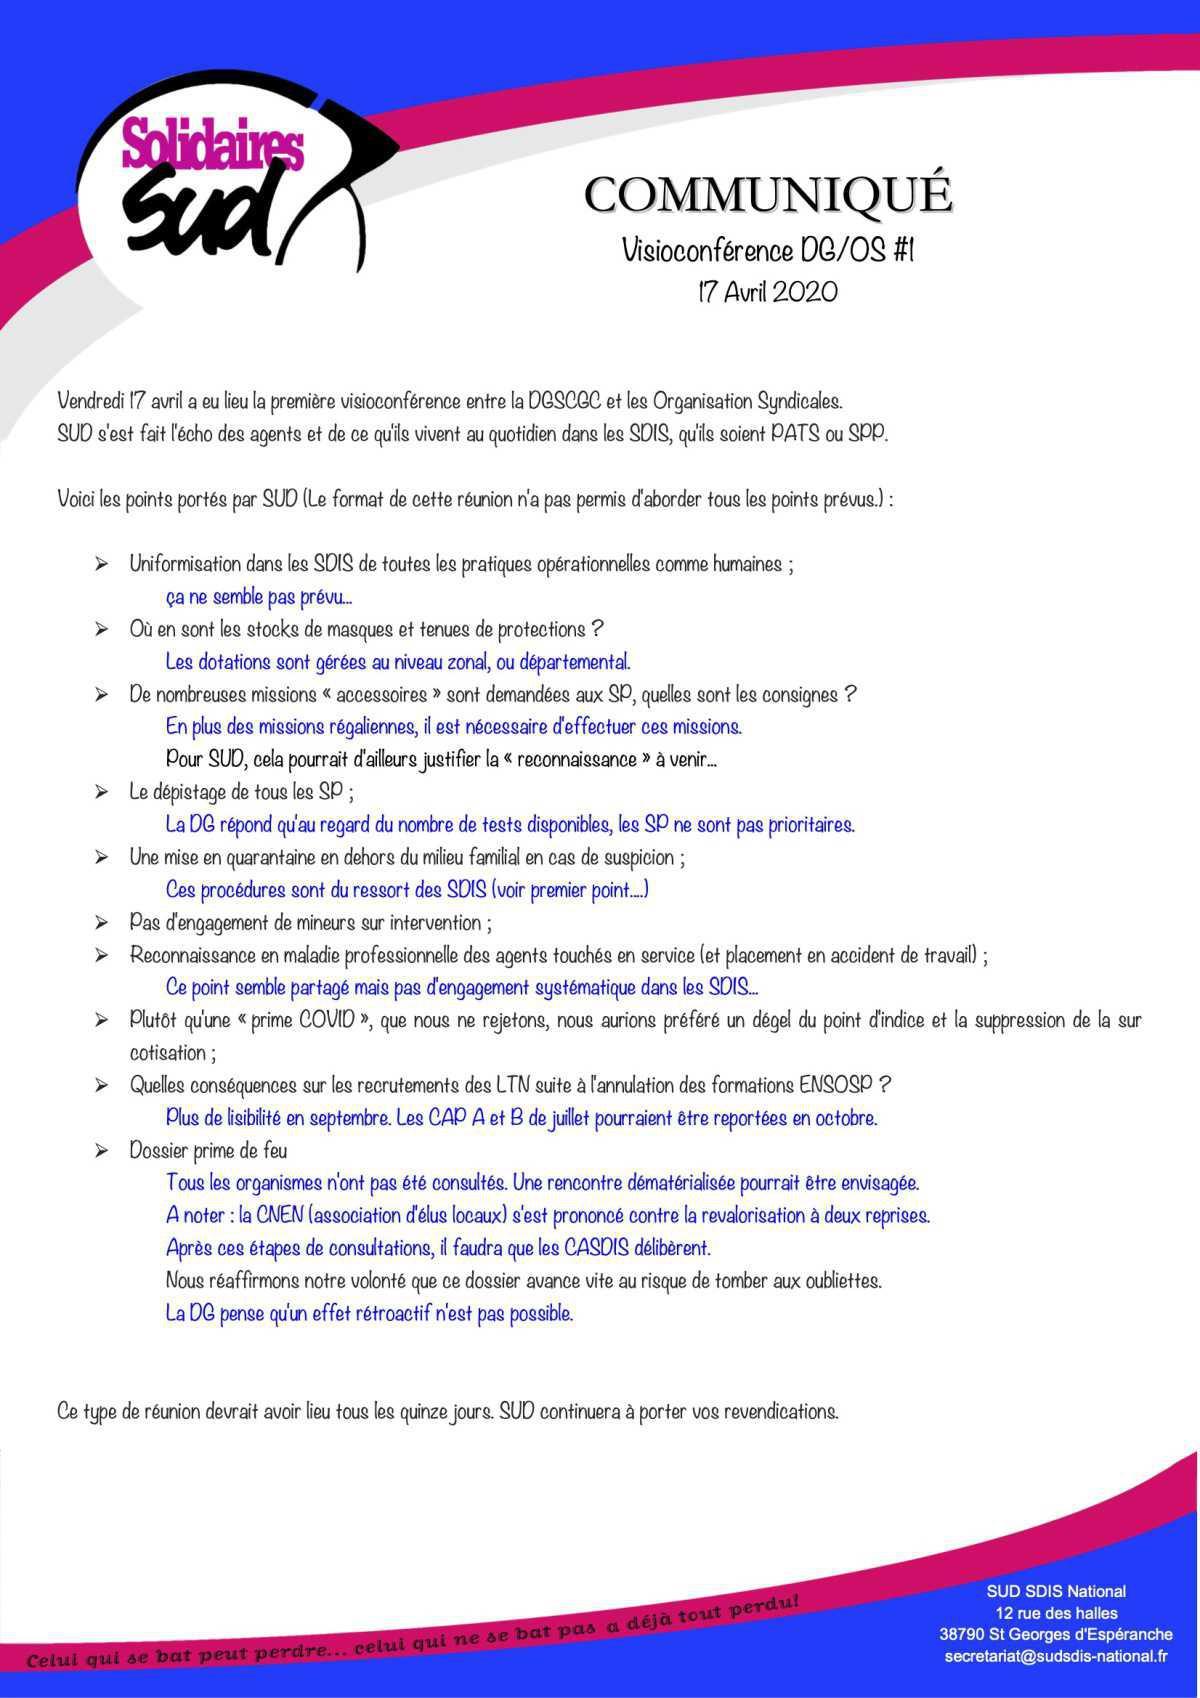 Communiqué Visioconférence DG/OS du 17 Avril 2020